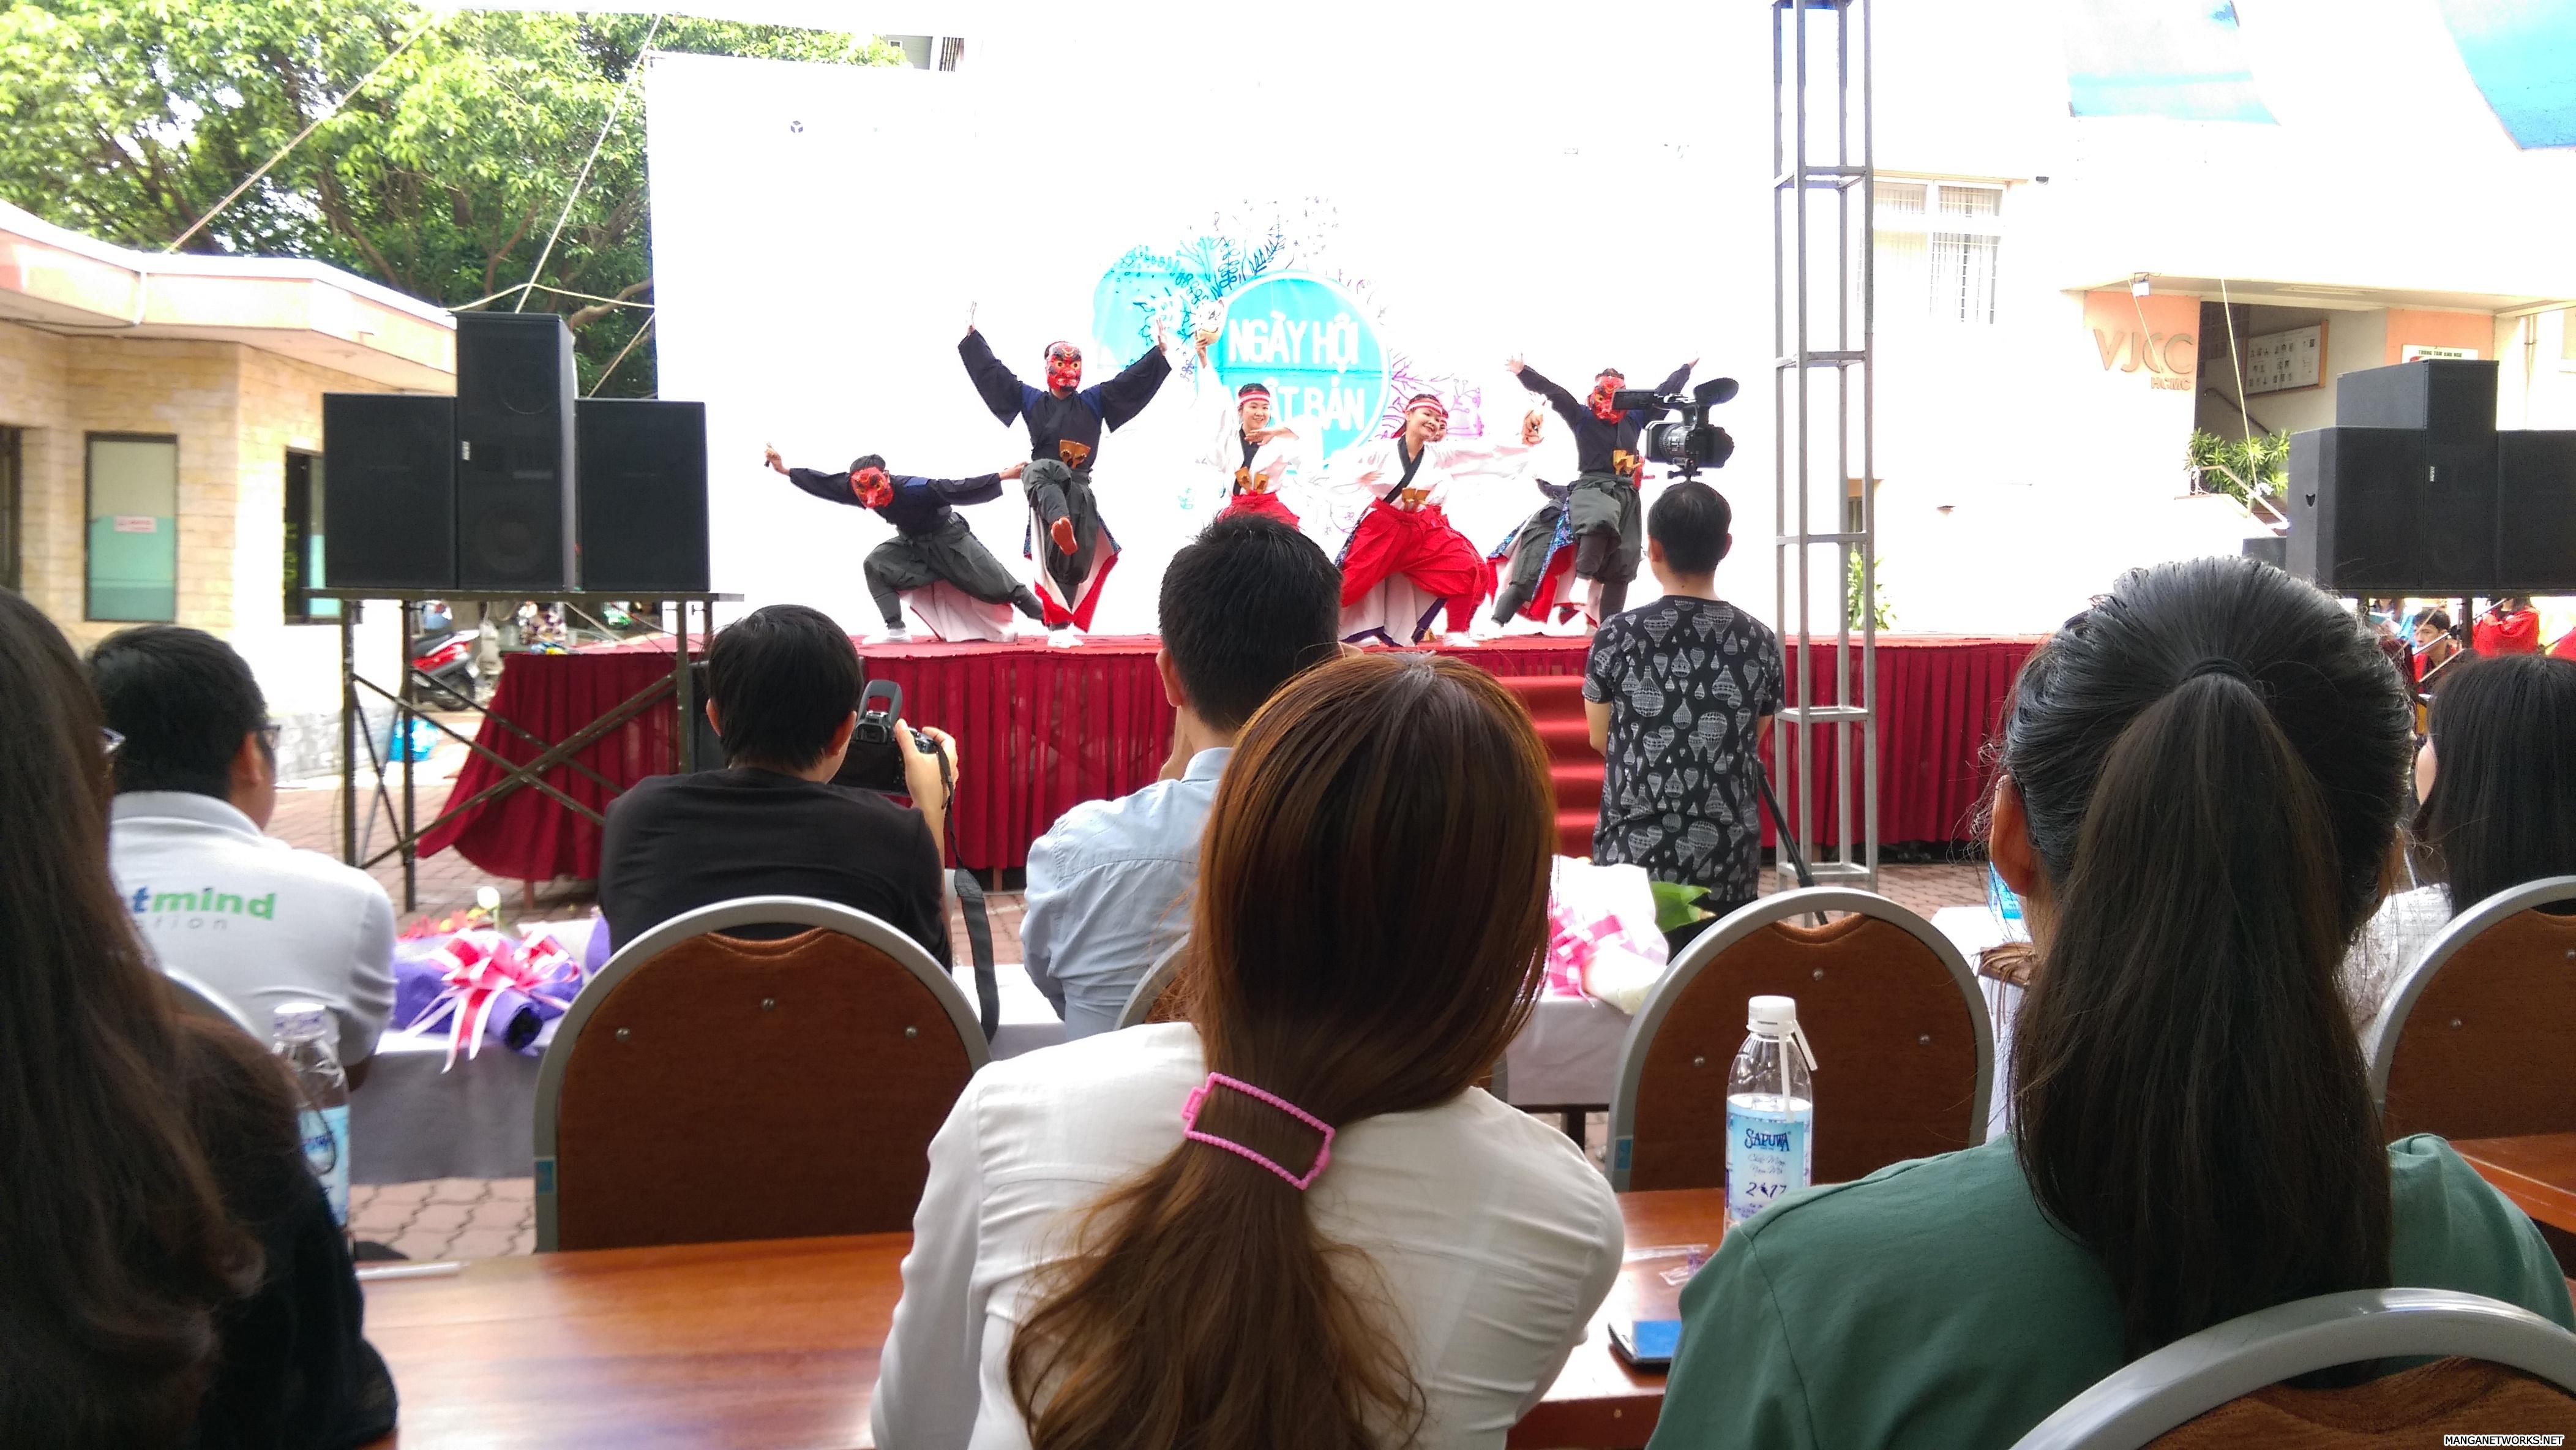 34559283581 319e11461f o [Review] Ngày hội Nhật Bản